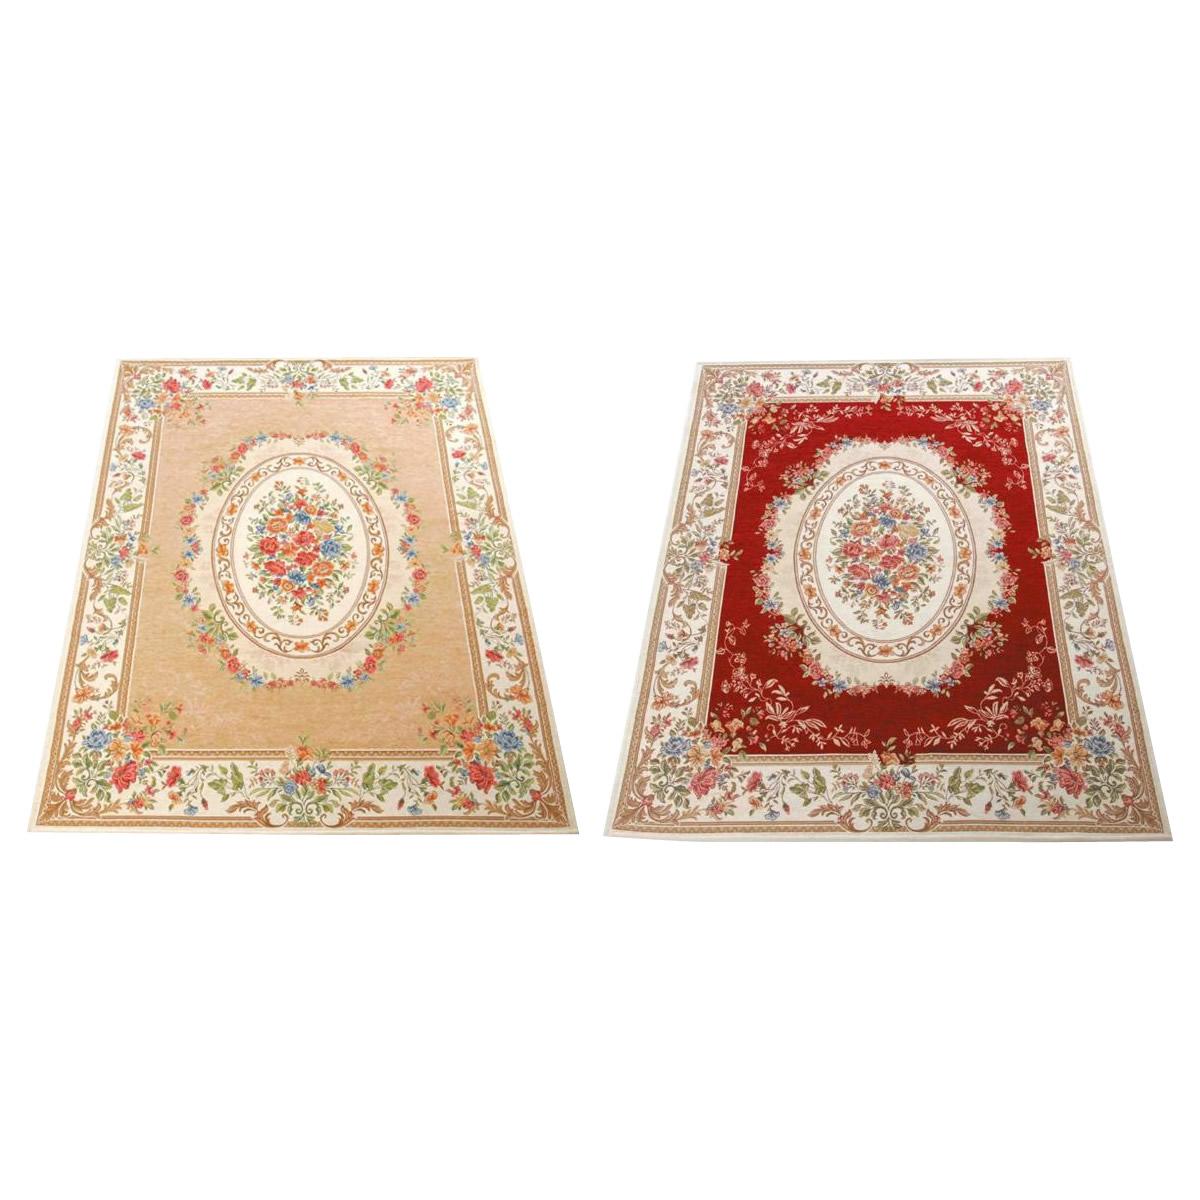 ゴブラン織 シェニールカーペット 6畳用(約240×330cm)【同梱・代引き不可】